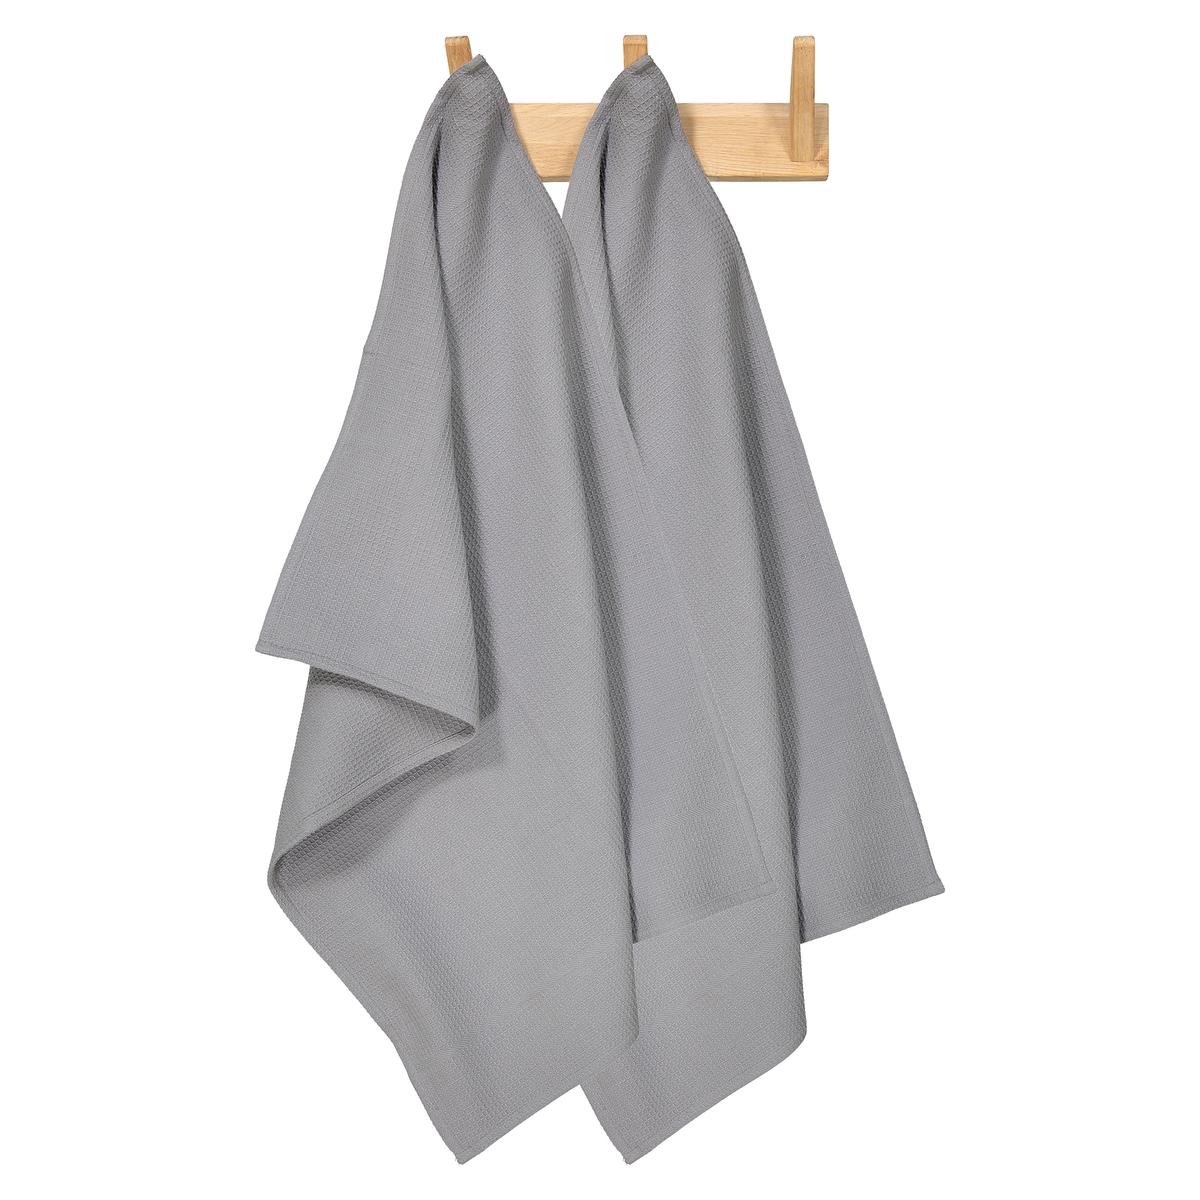 Комплект из полотенец из La Redoute Вафельной ткани единый размер серый столик la redoute maden единый размер серый